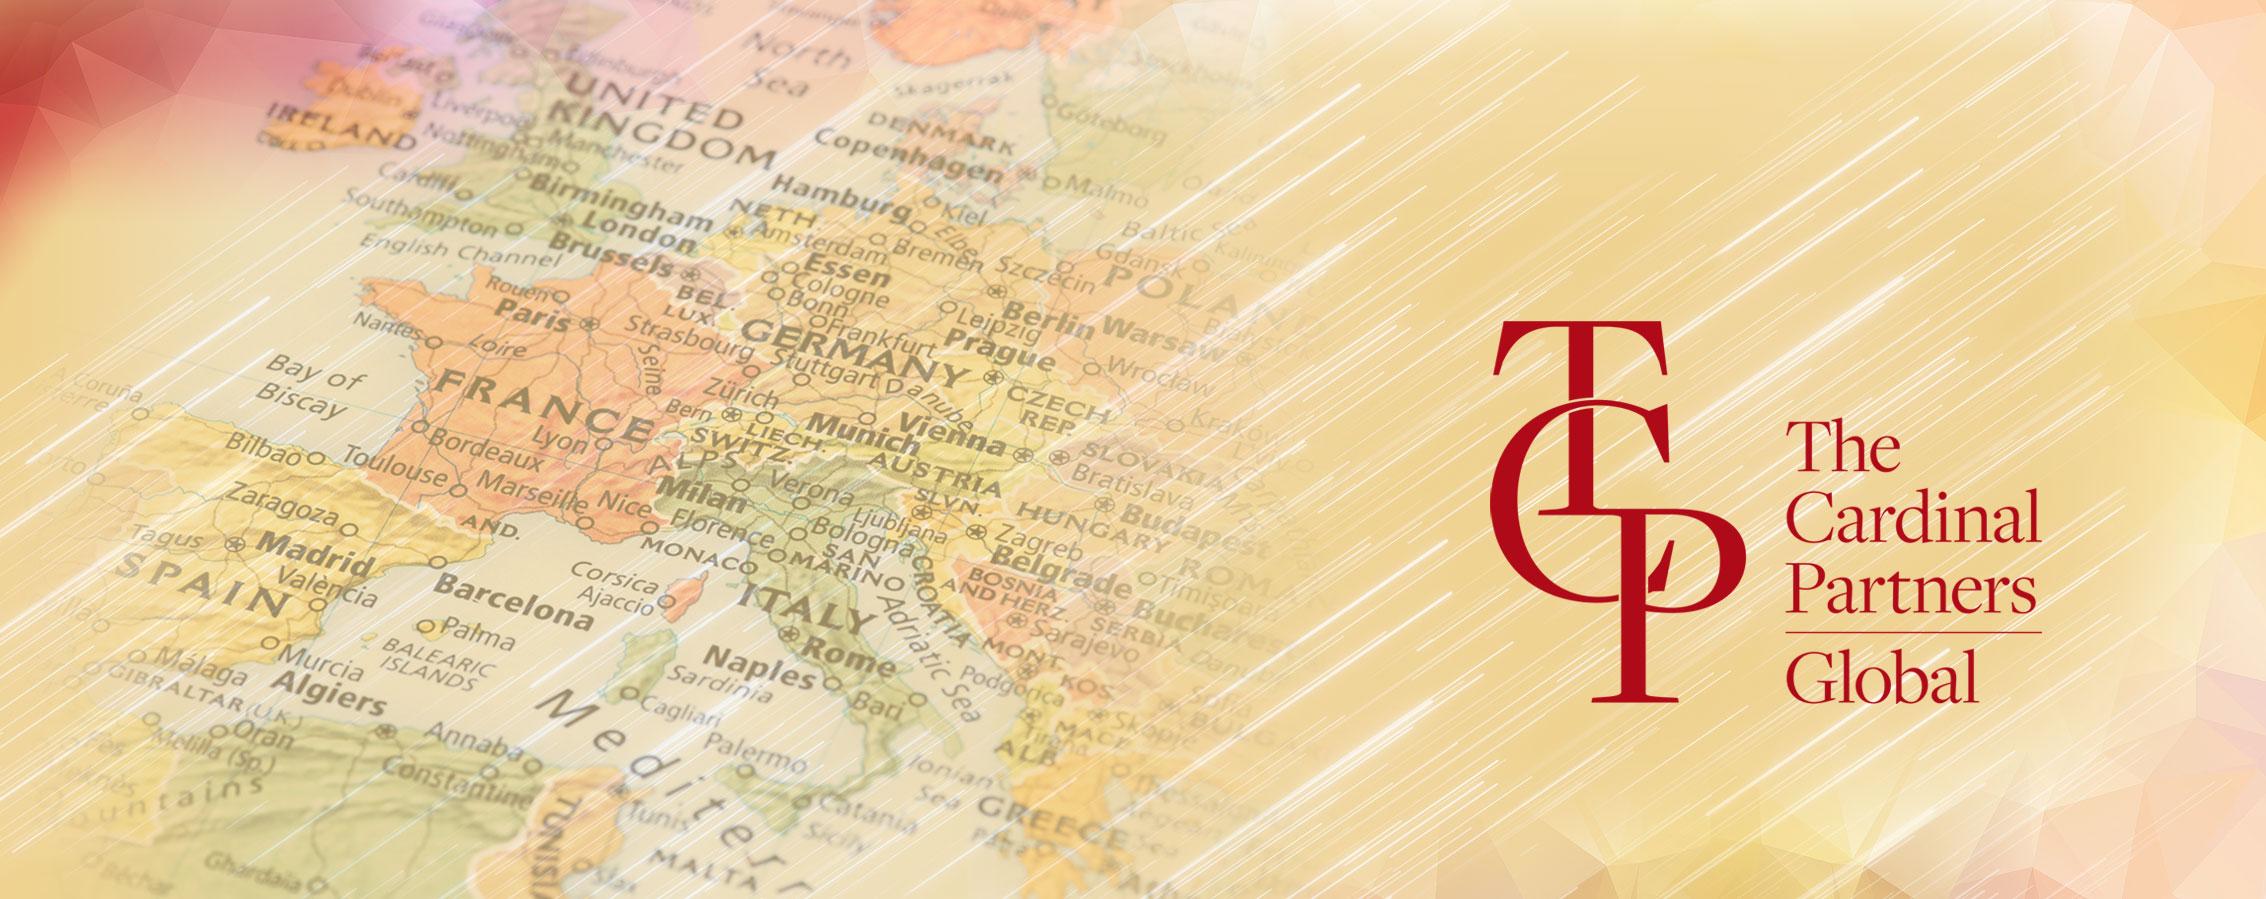 The Cardinal Partners Global